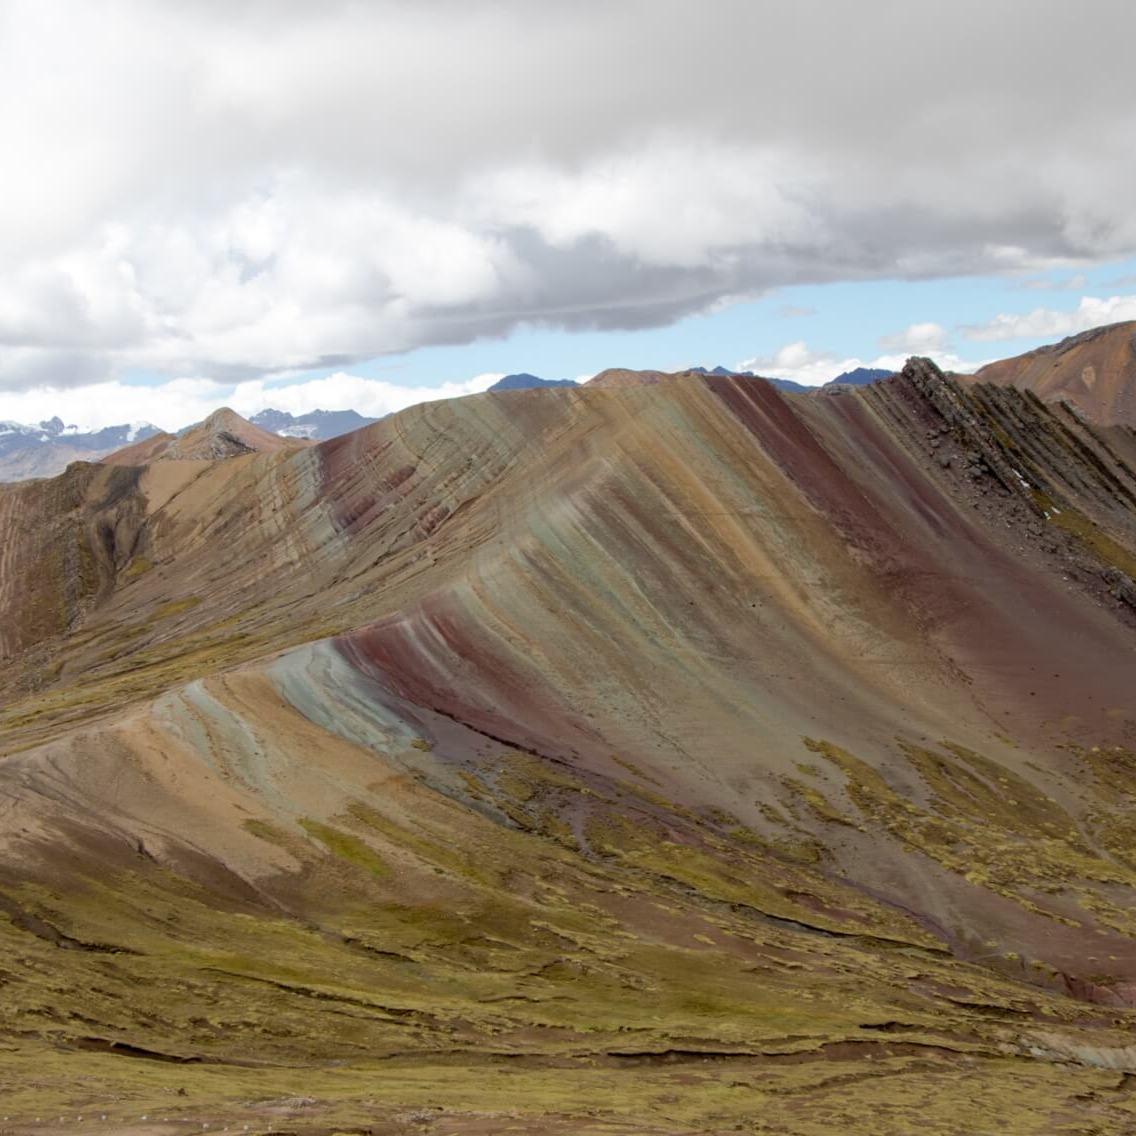 Montagne colorée Palcoyo au Pérou